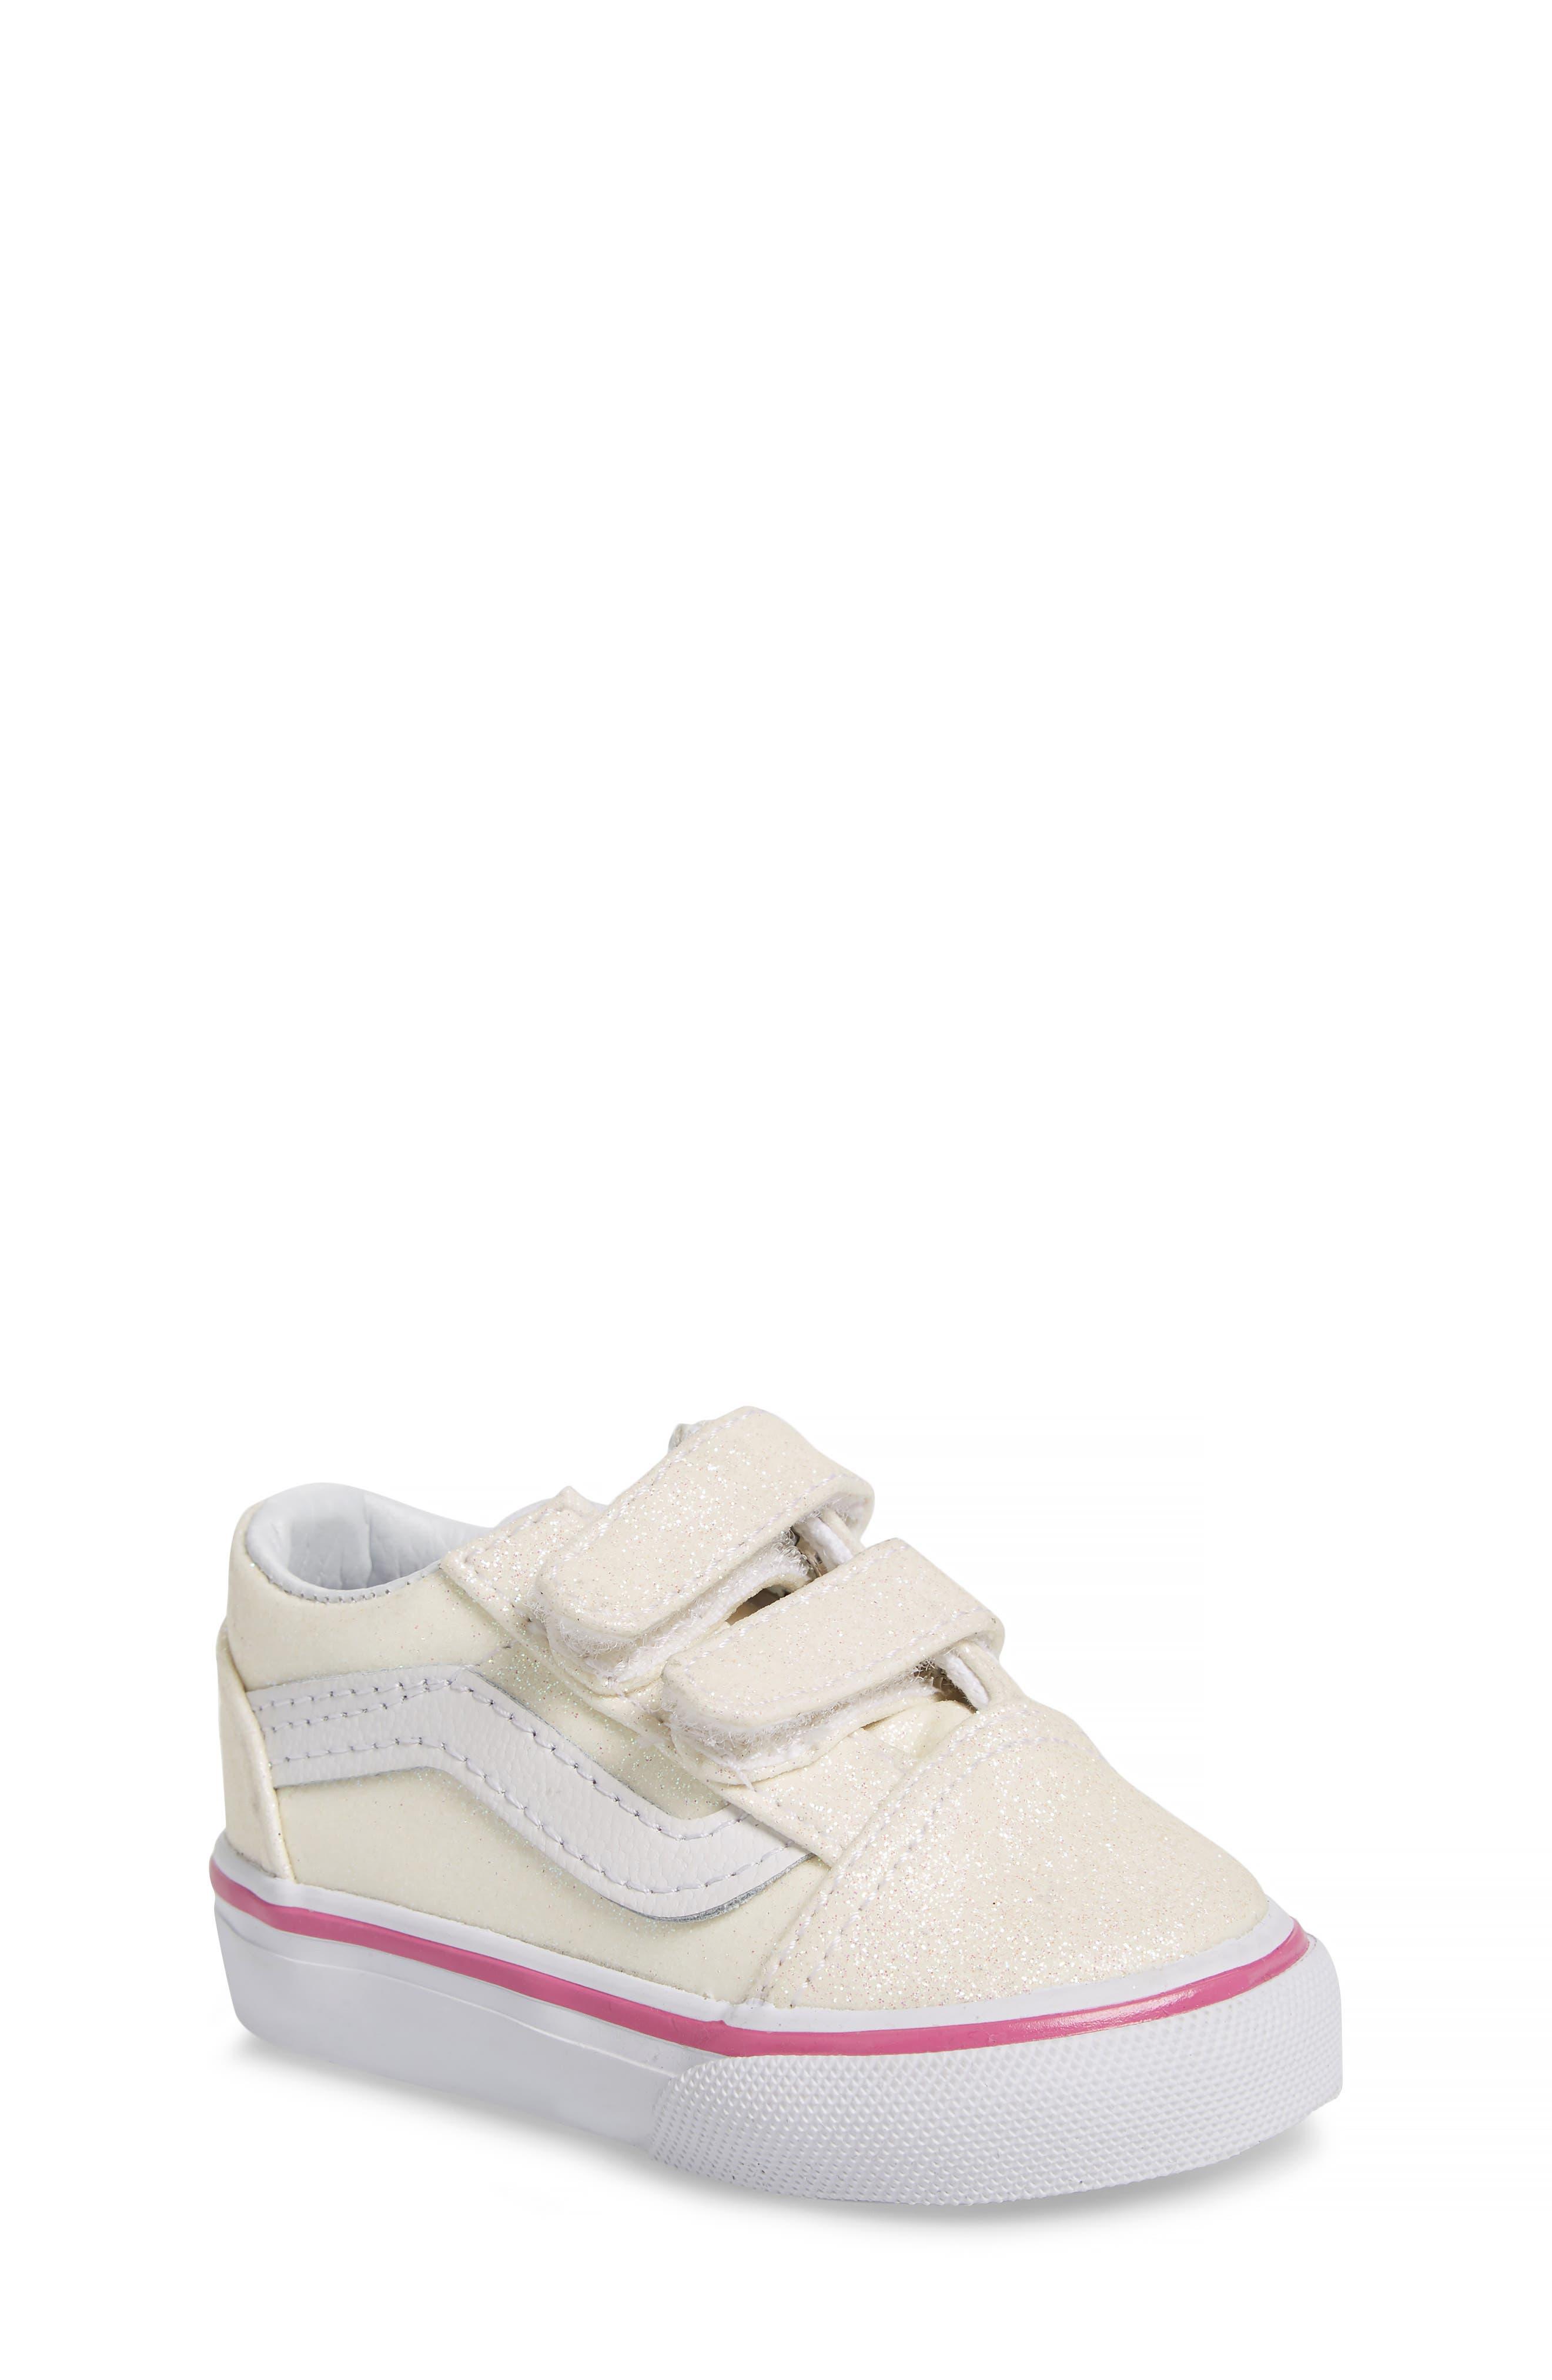 Old Skool V Glitter Sneaker,                             Main thumbnail 1, color,                             Rainbow White Glitter